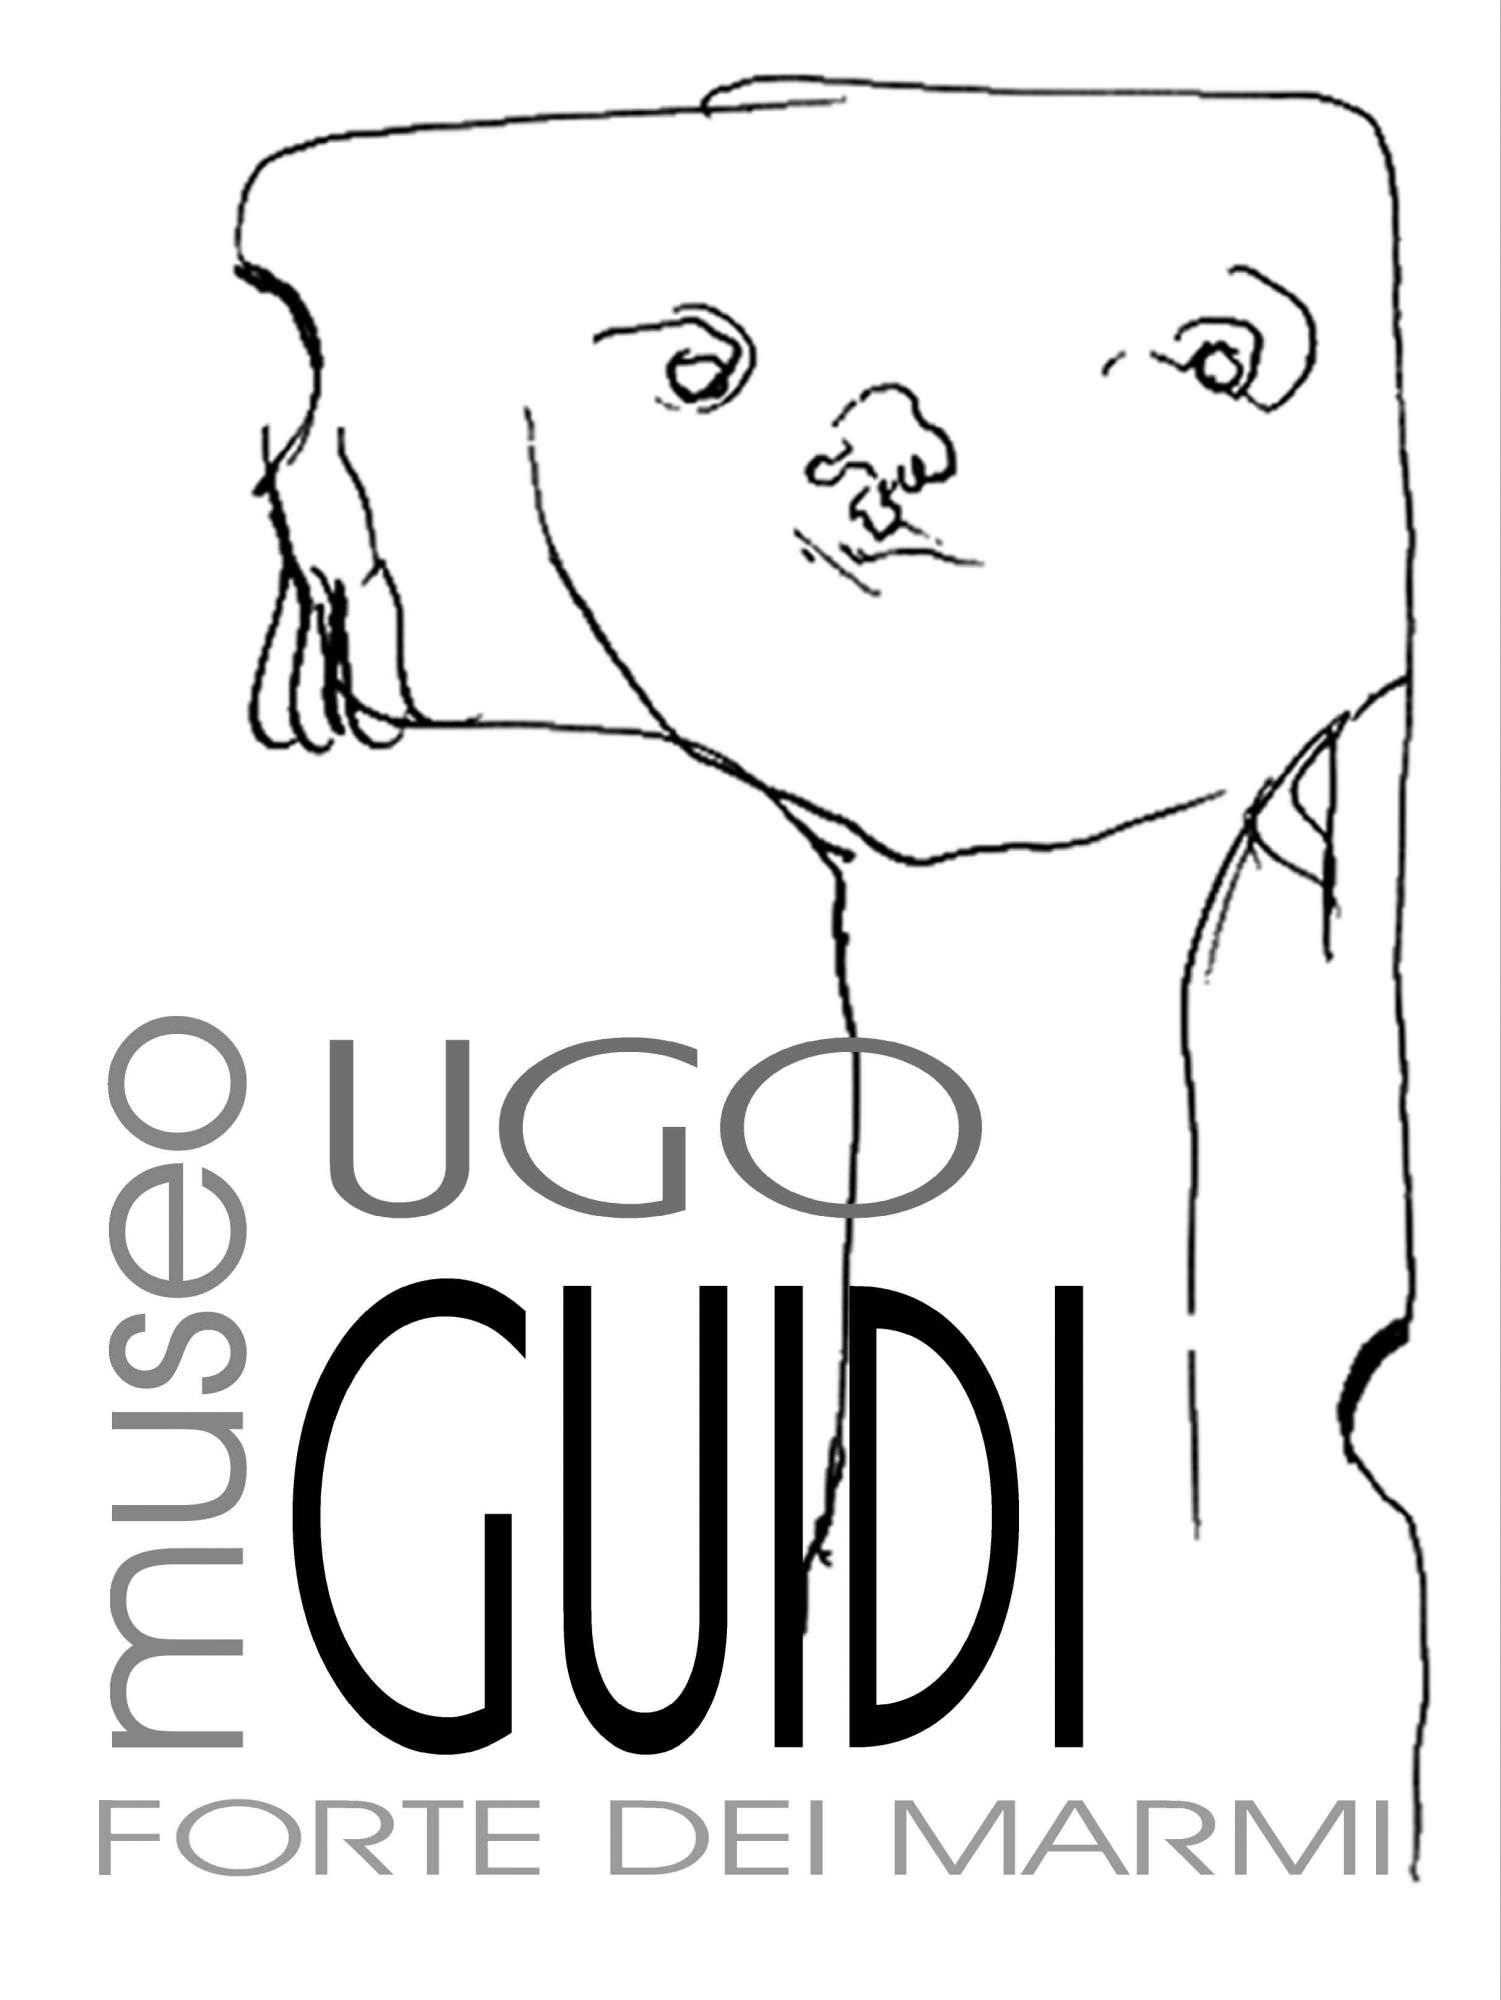 Danni al museo Guidi di Forte: in frantumi una scultura in tufo